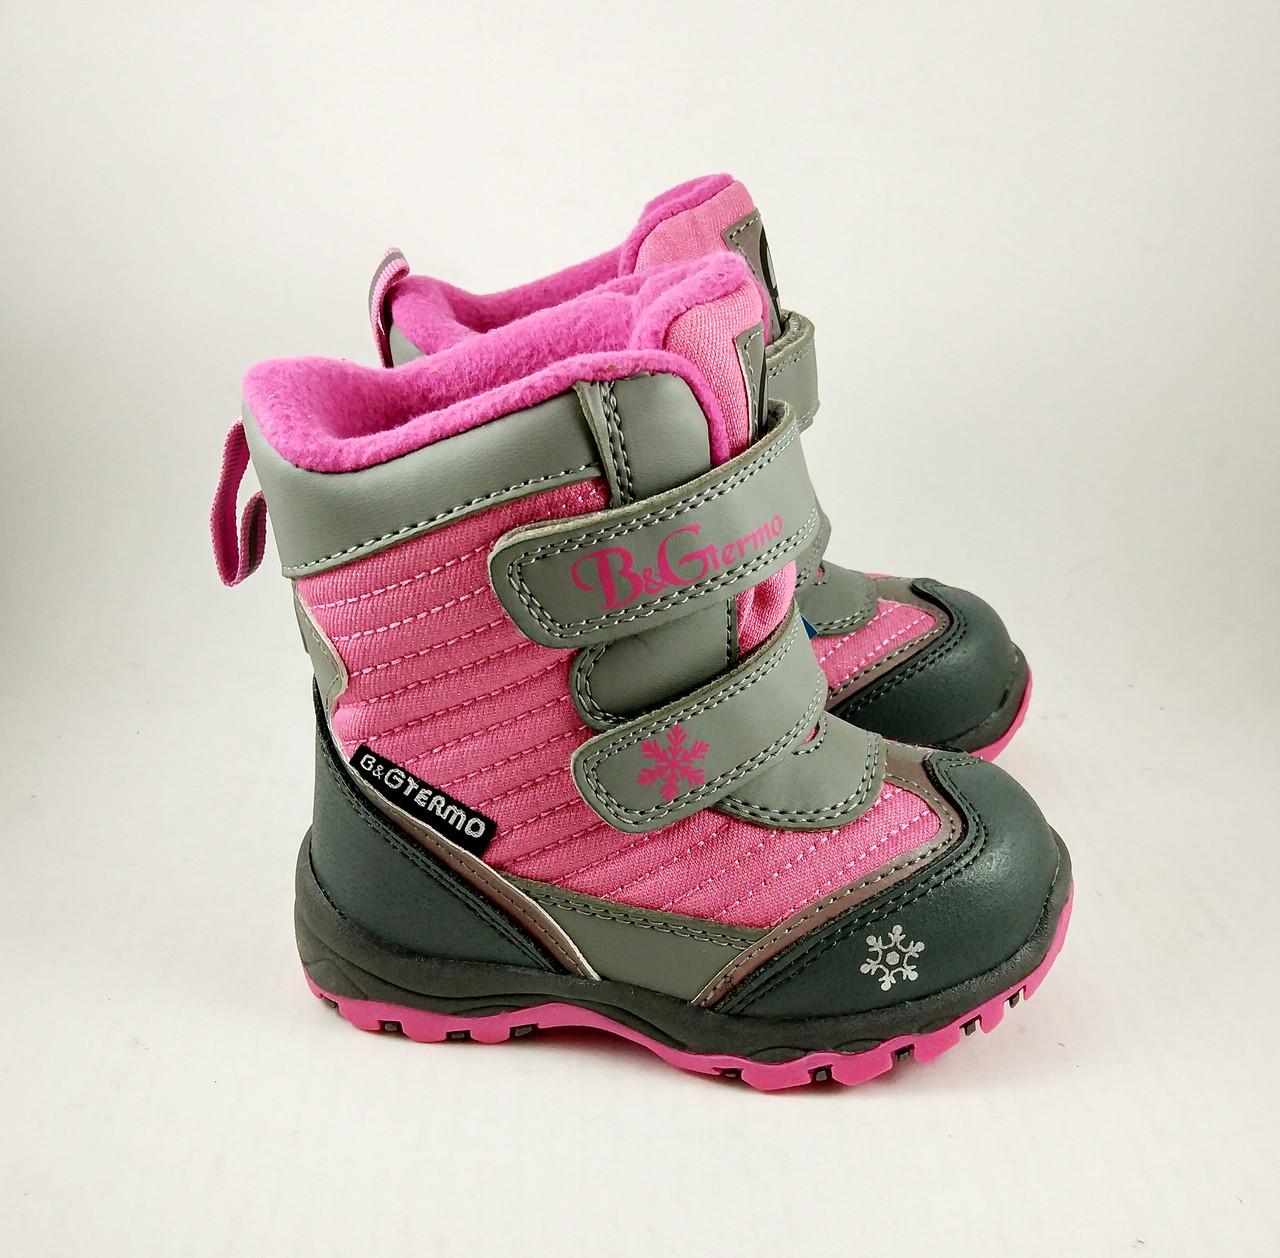 Термоботинки B&G-Termo для девочек, зимняя обувь детская, розовые